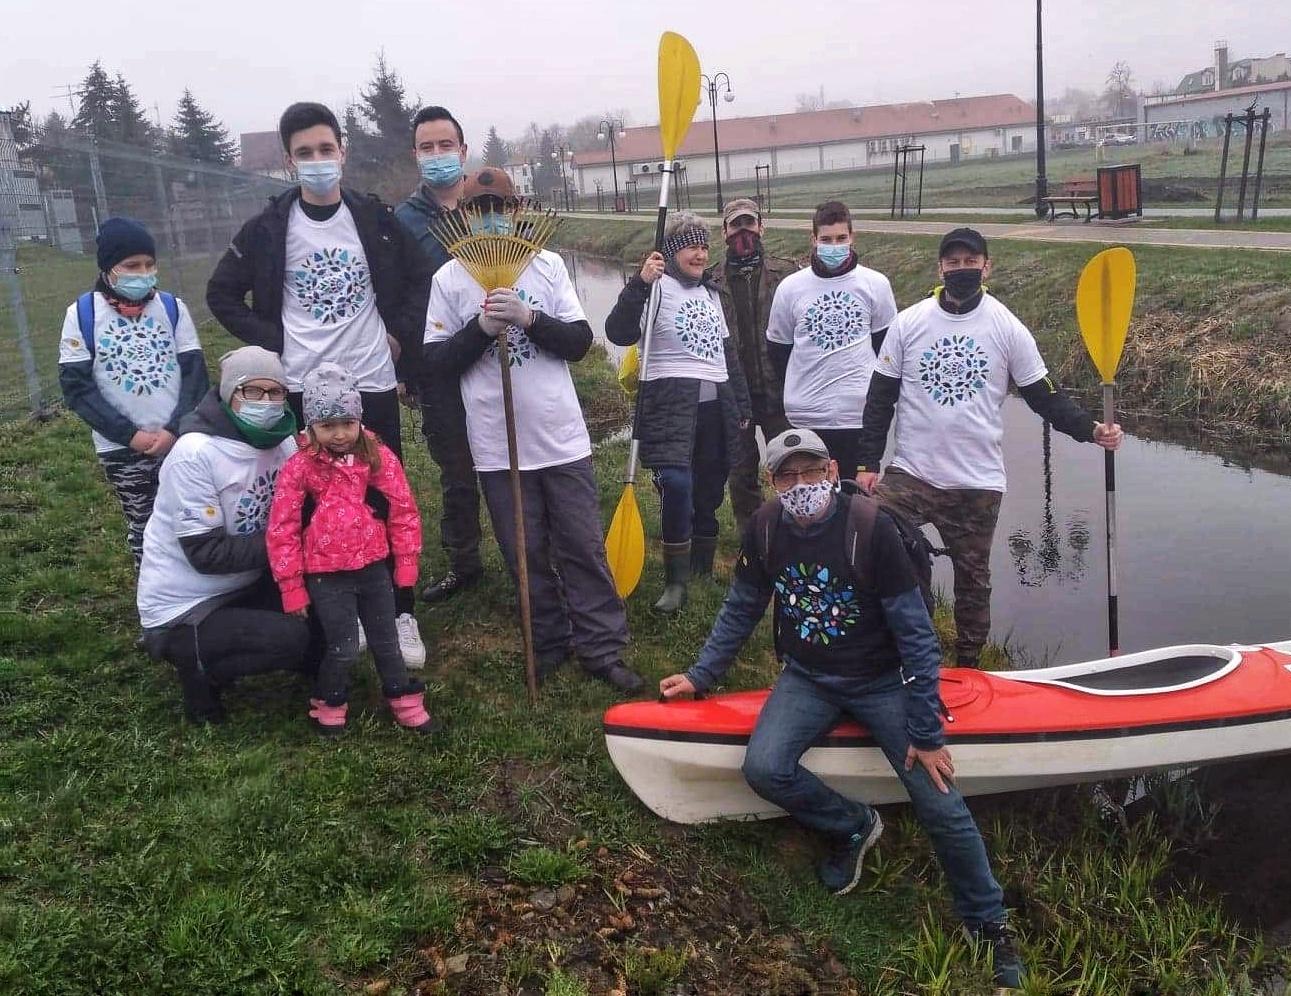 ŁUKÓW 10 worków śmieci po akcji sprzątania Krzny (GALERIA)  - Zdjęcie główne